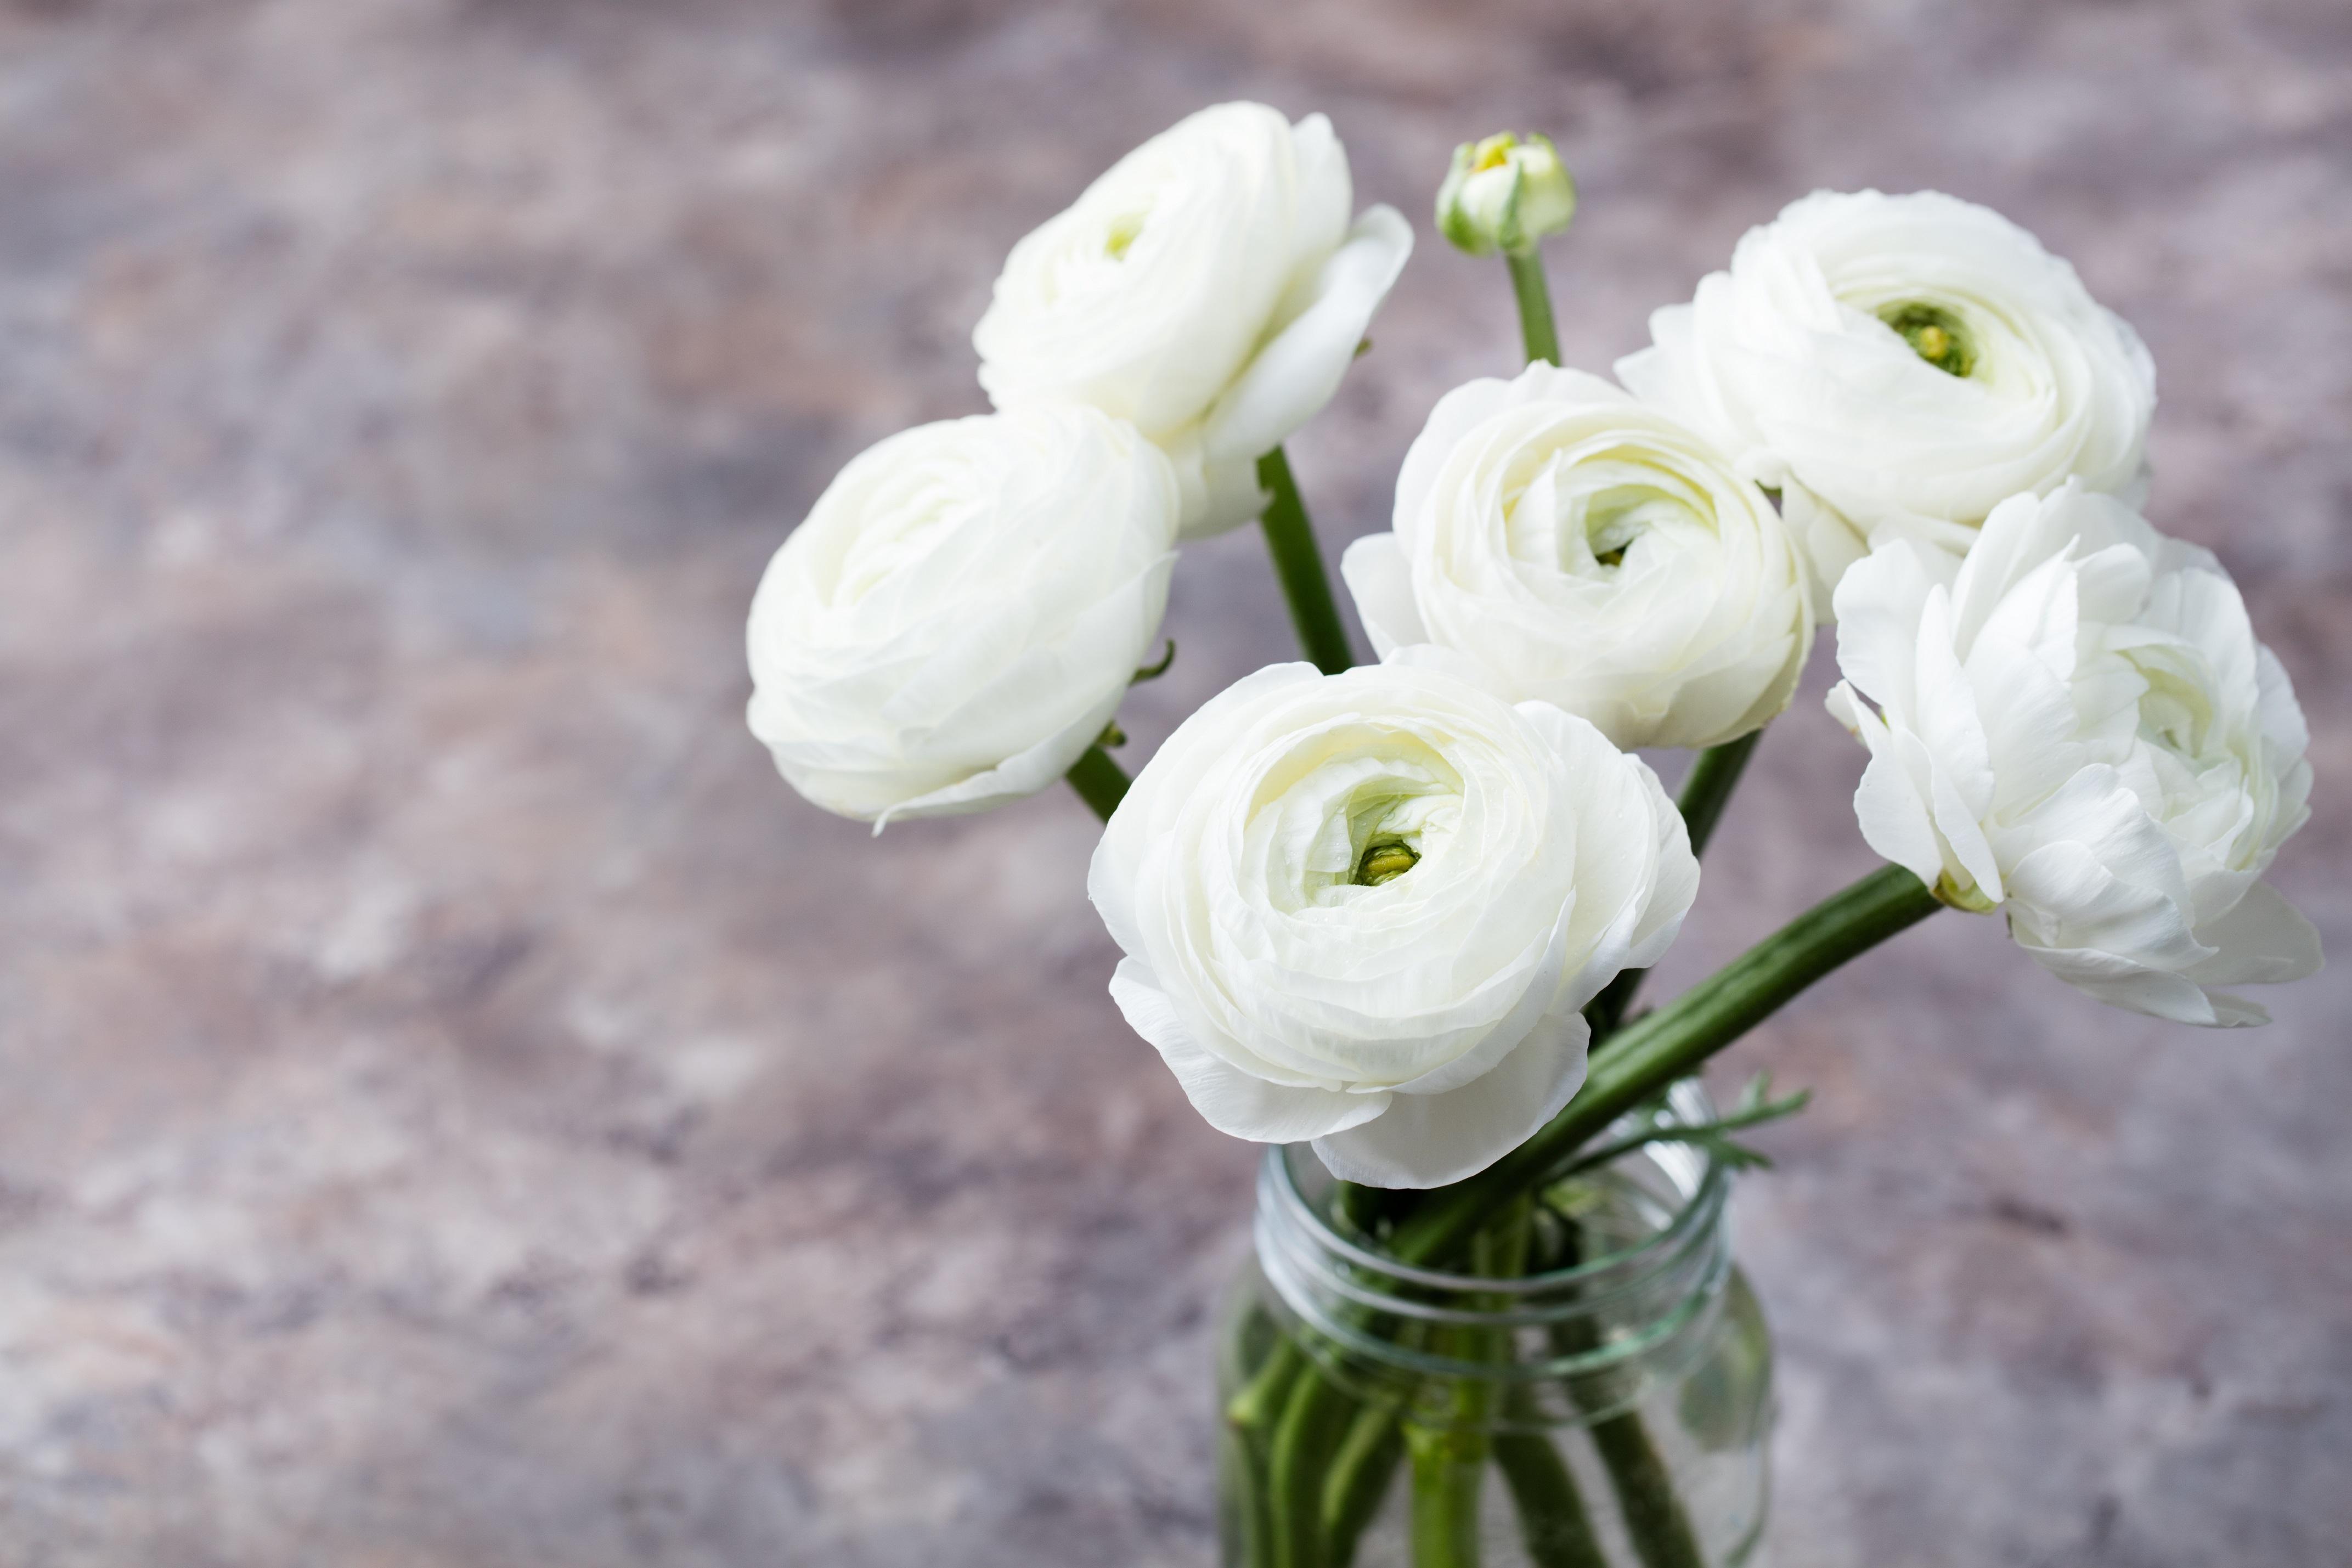 キンポウゲ科キンポウゲ属  ラナンキュラスの花は彩りがとても鮮やかなので、「色彩の鮮やかな金鳳花」から花金鳳花(ハナキンポウゲ)という和名がつきました。また、ラナンキュラスの原種は花びらが5枚の黄色い花で、その花がこんもりと金色に輝く姿からバターカップという別名を持ちます。春の花の中でも、人気の高い花です。